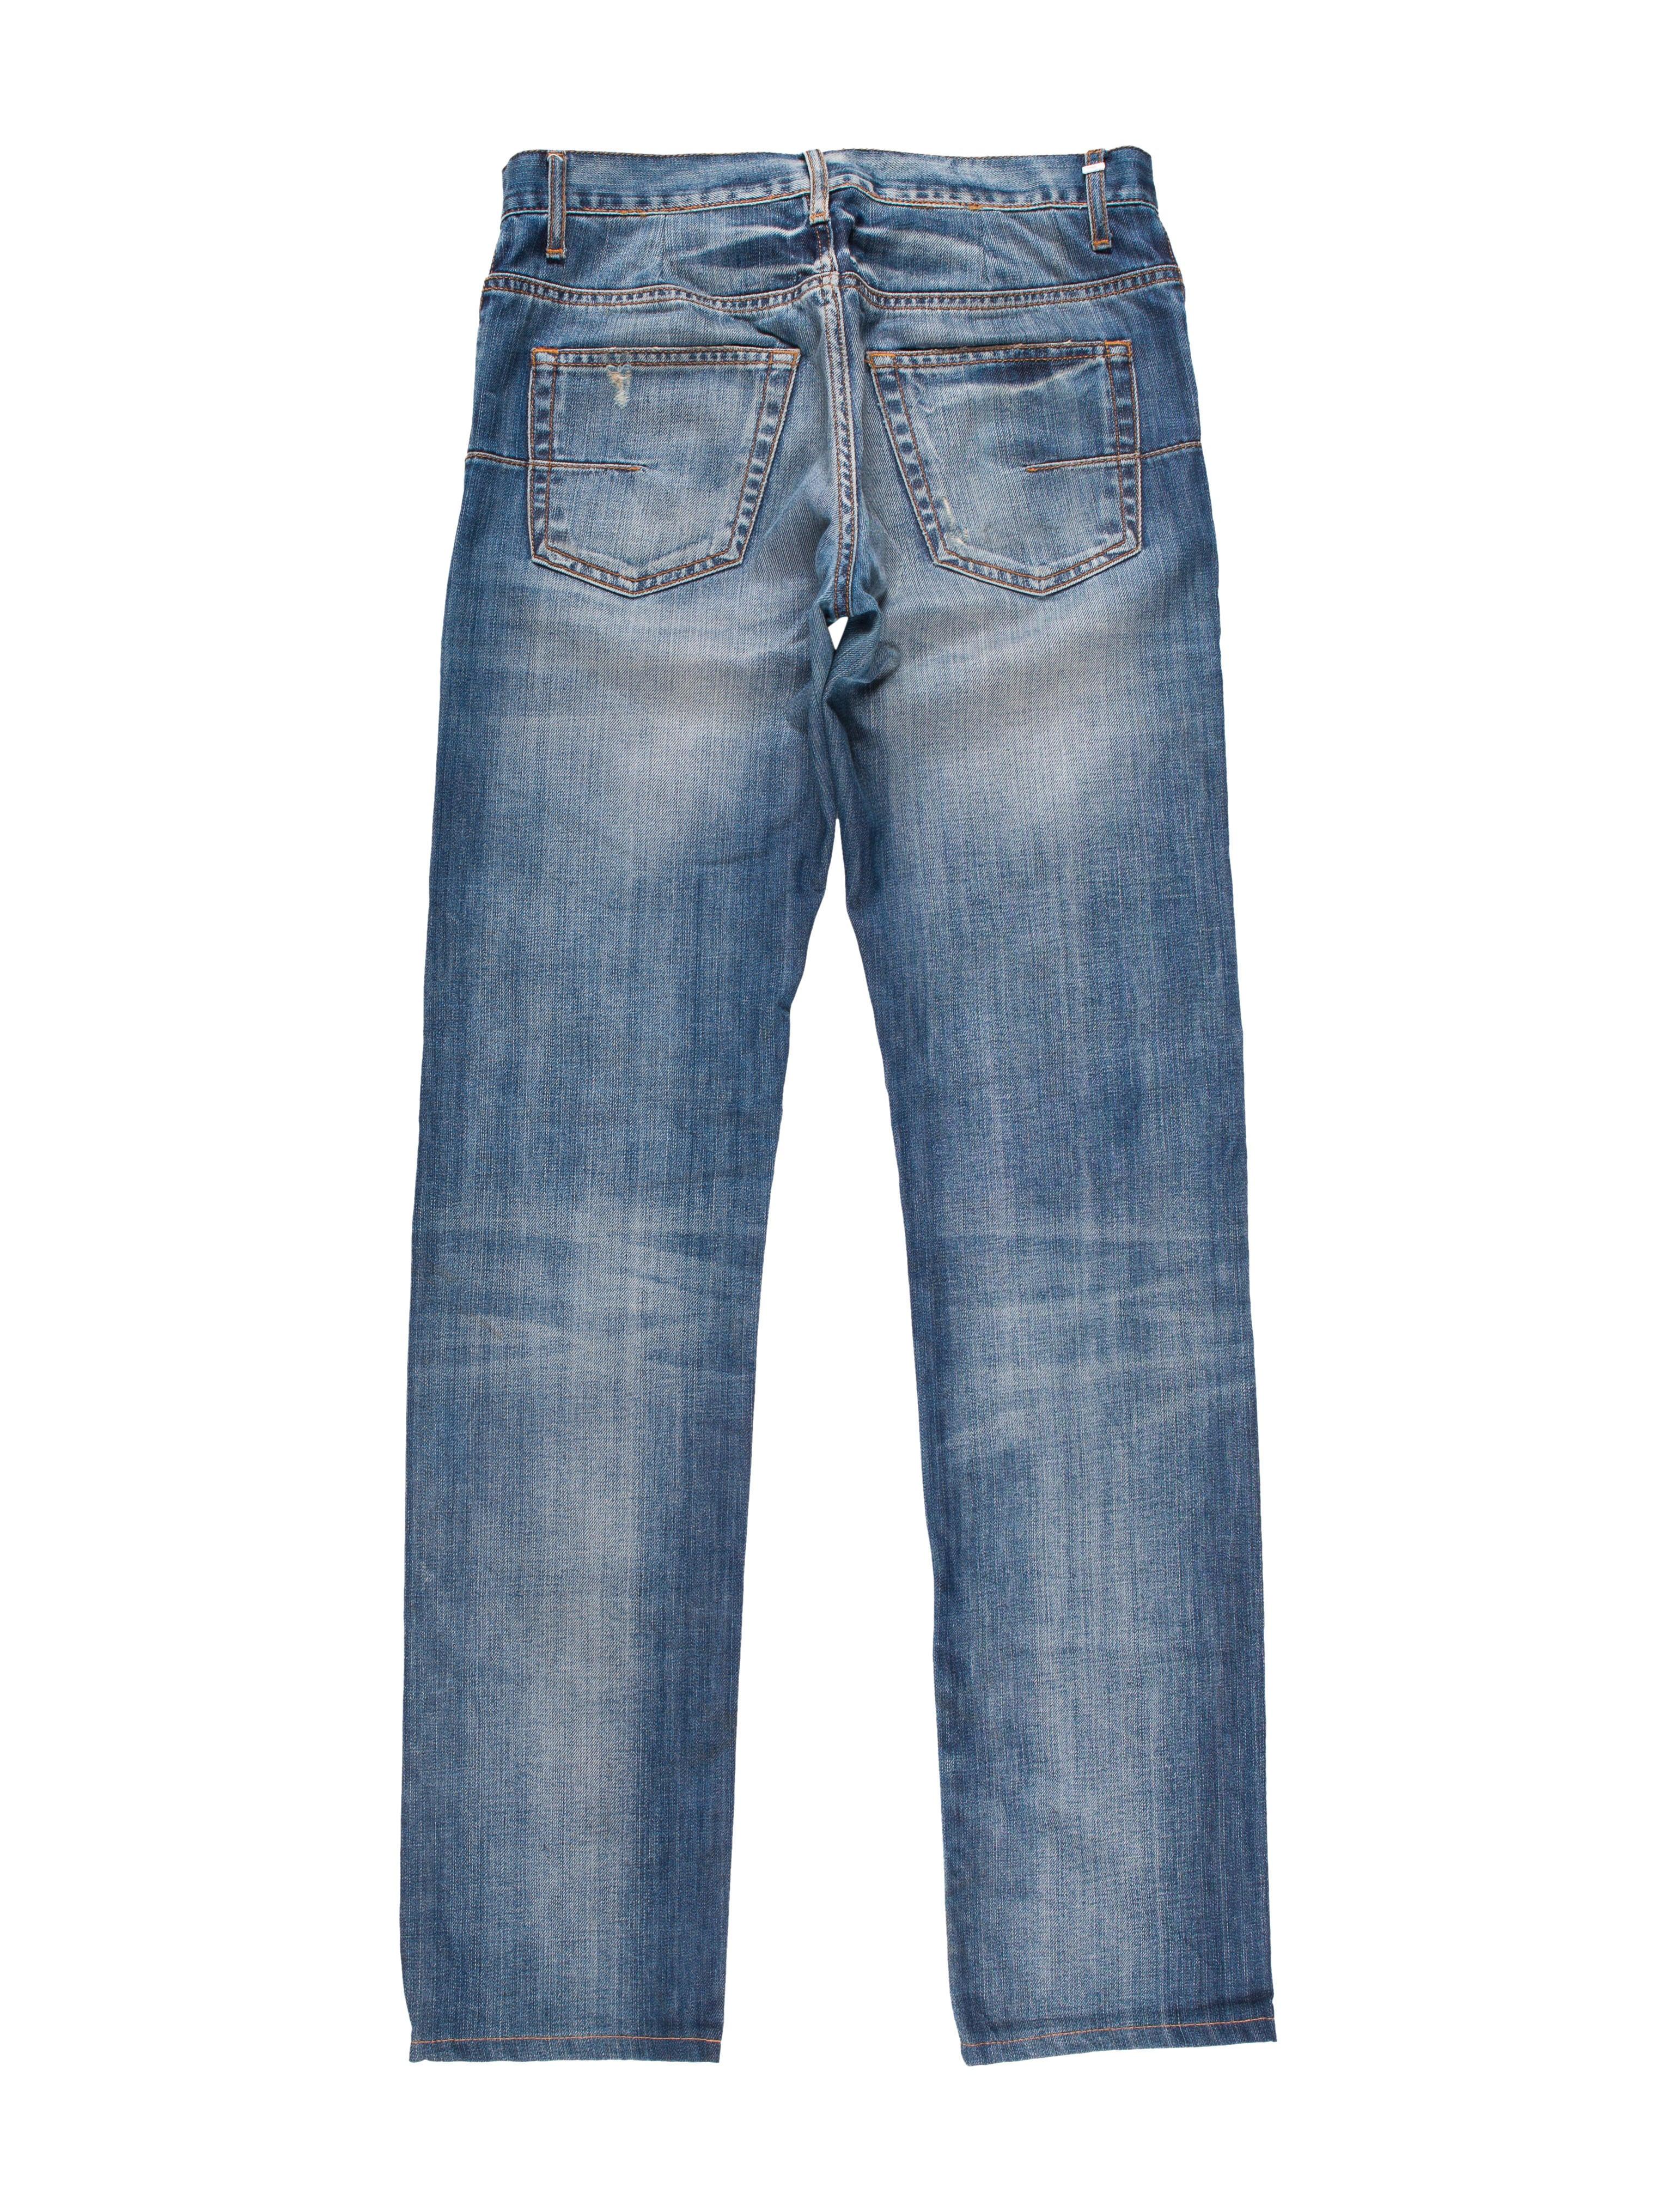 dior homme five pocket skinny jeans clothing hmm23064. Black Bedroom Furniture Sets. Home Design Ideas